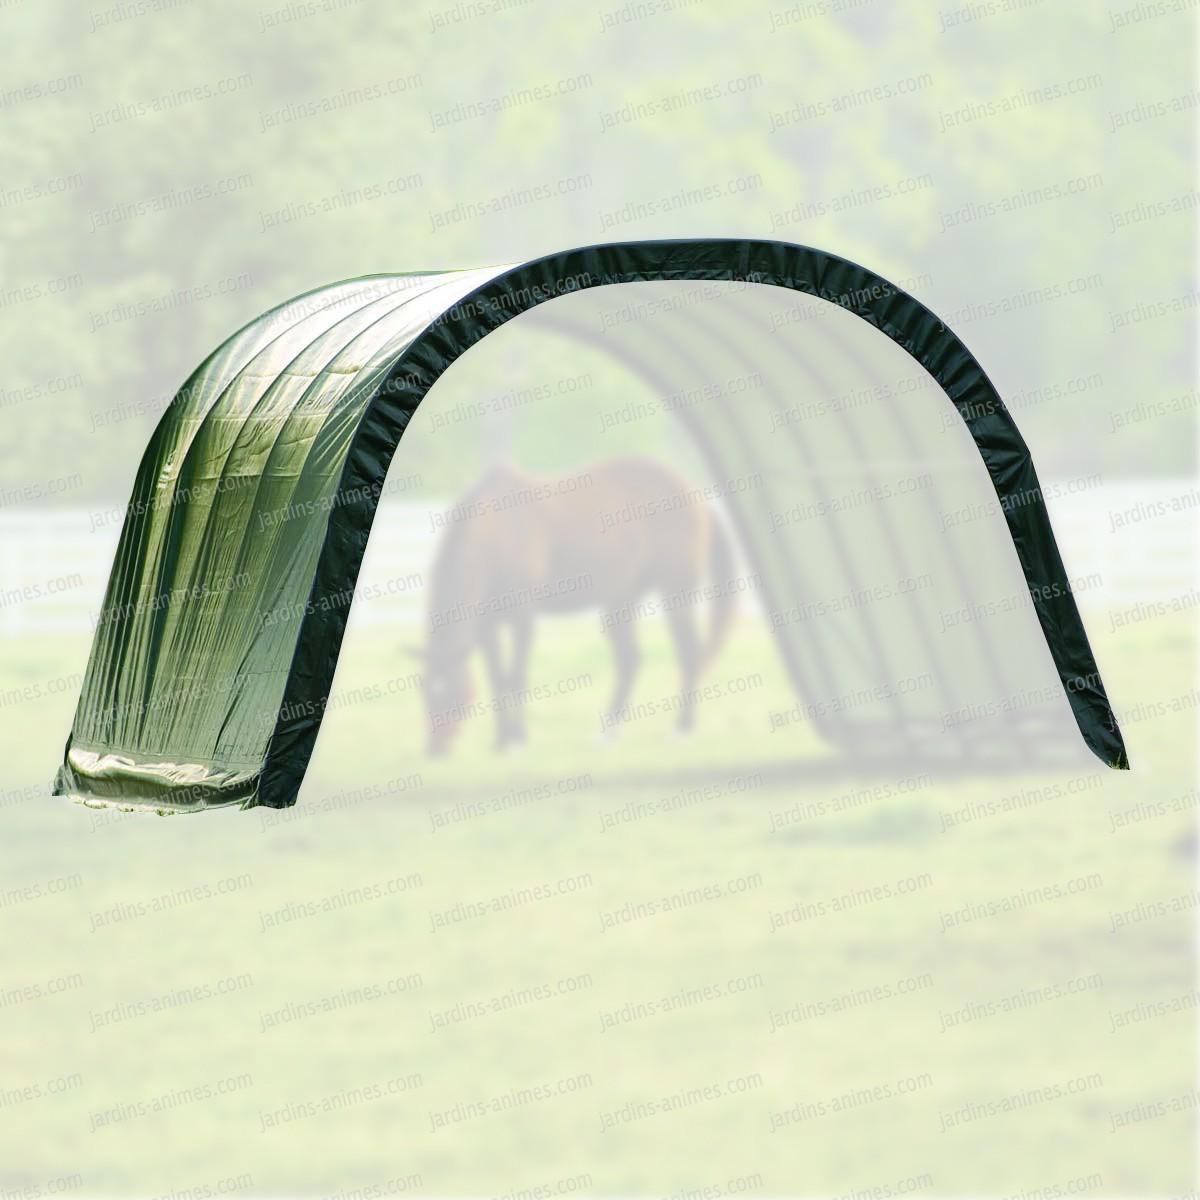 B che pour abri en toile pour chevaux de mobilier - Toile goudronnee pour abri de jardin ...